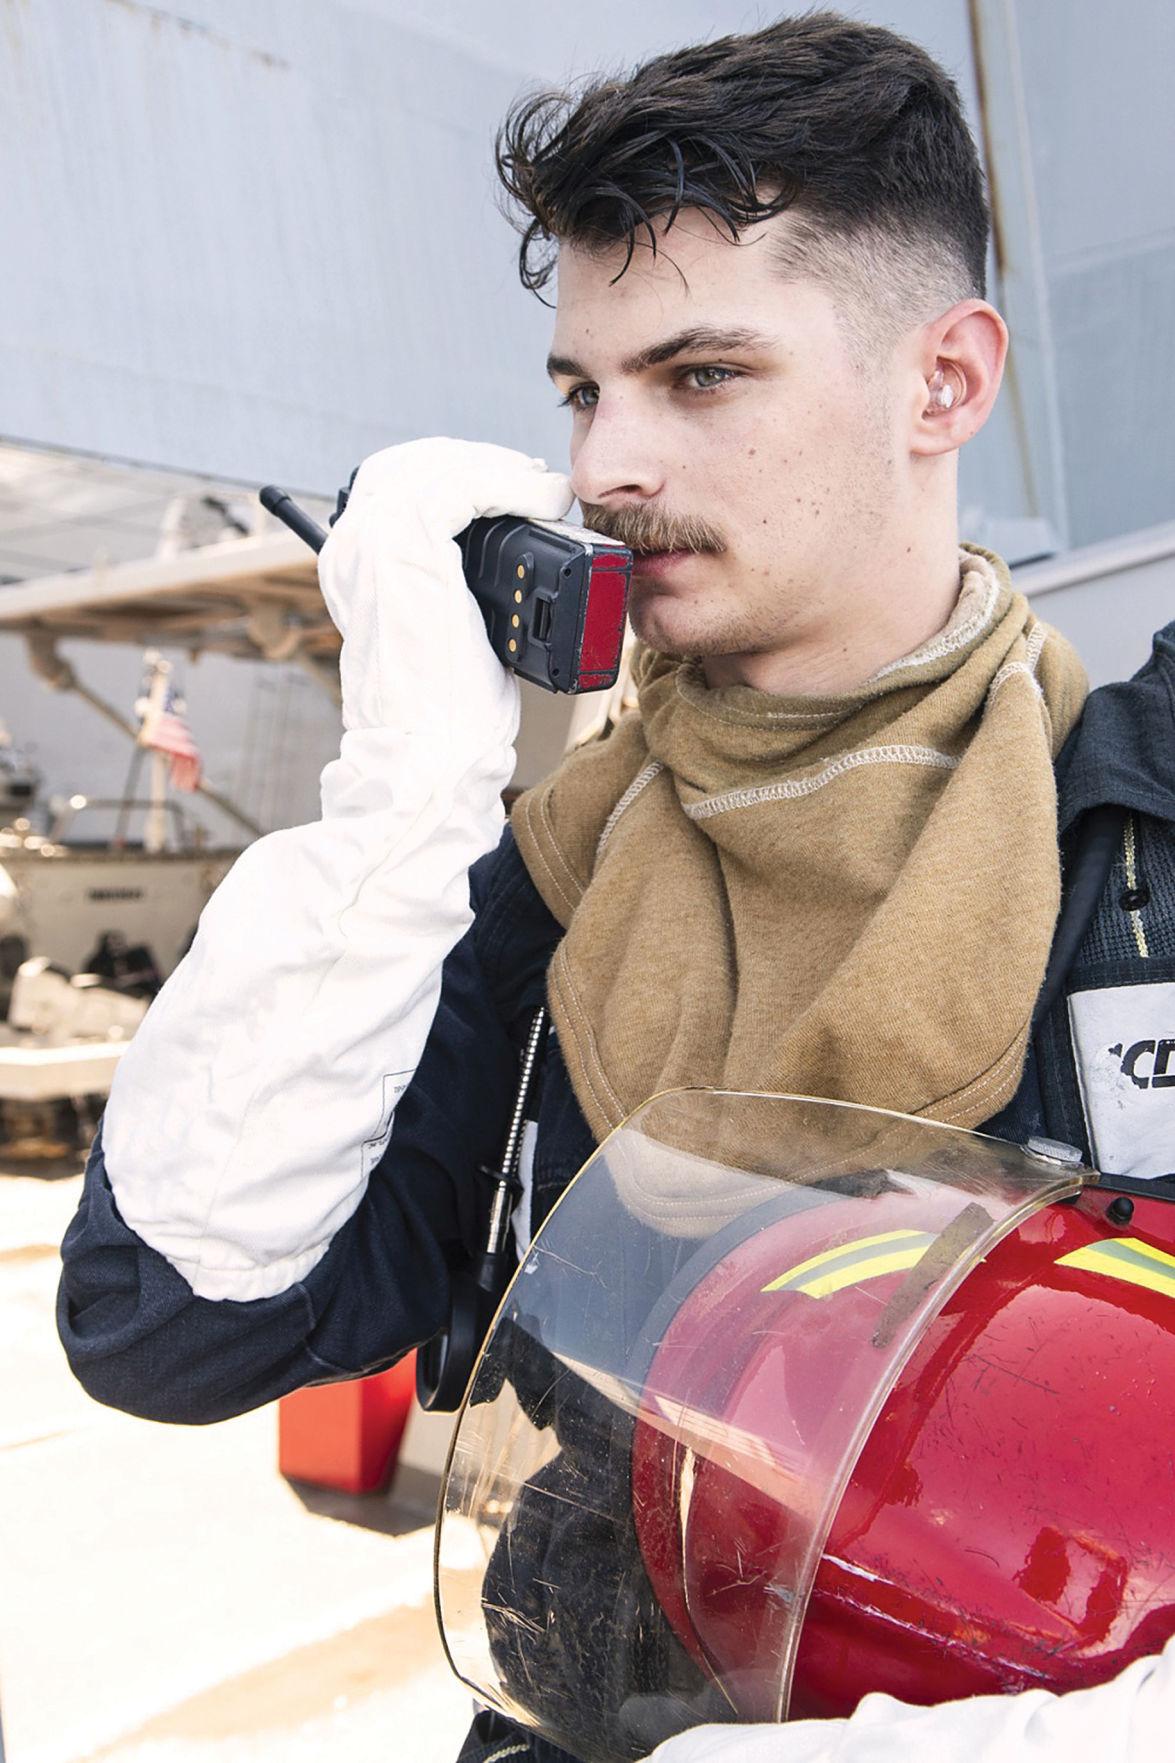 Navy fire drill